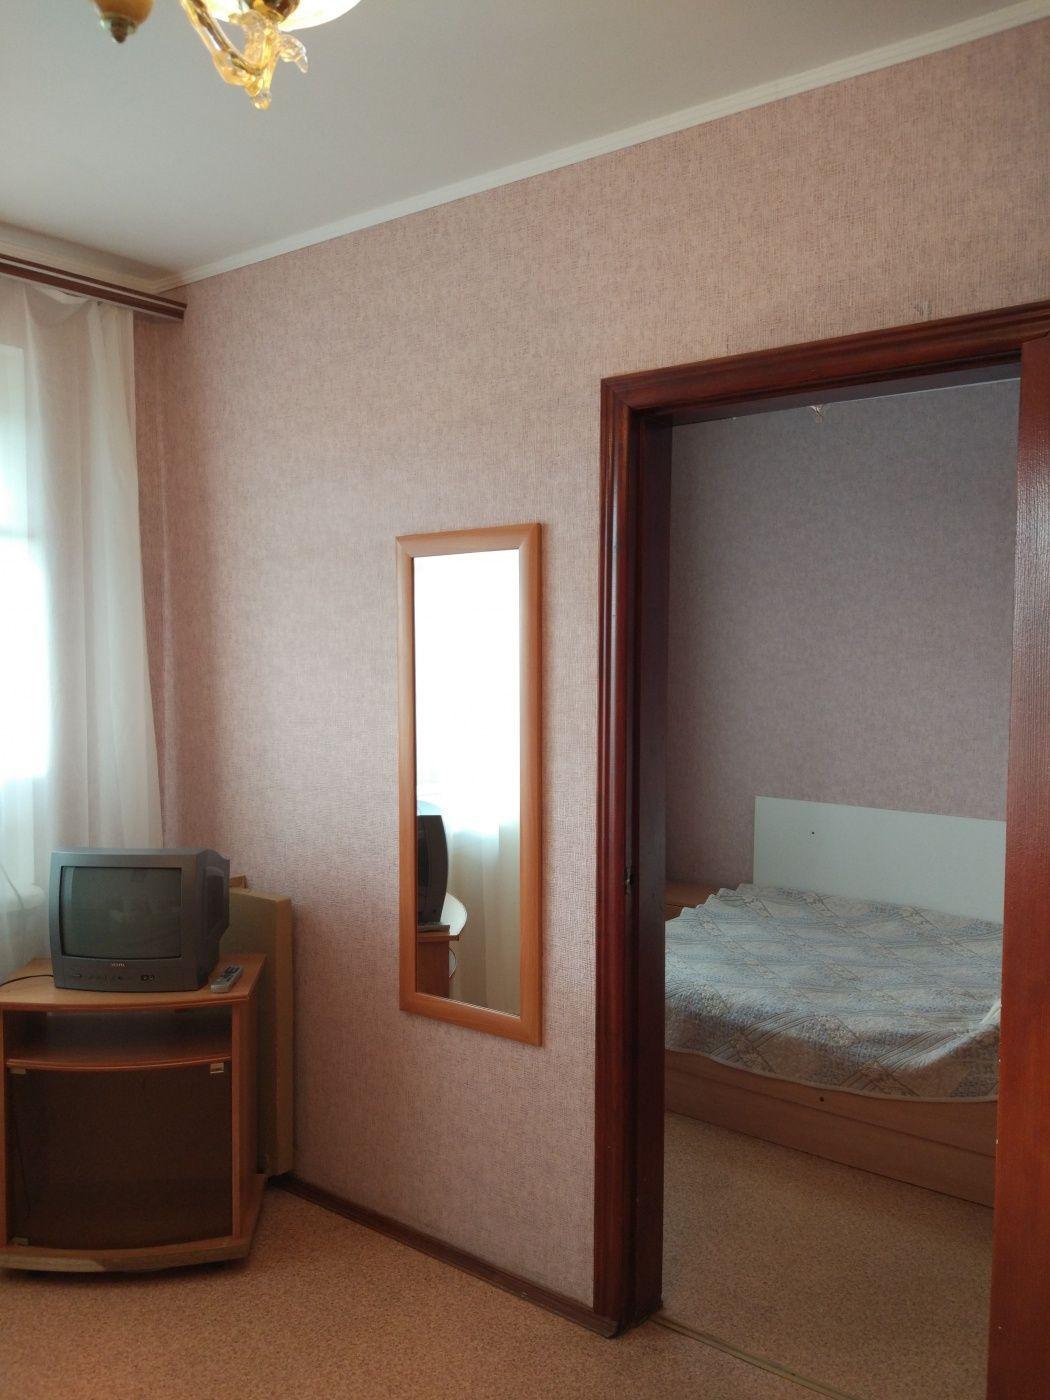 Турбаза «Домостроитель» Саратовская область 2-комнатный номер «люкс» с удобствами (корпус № 1), фото 5